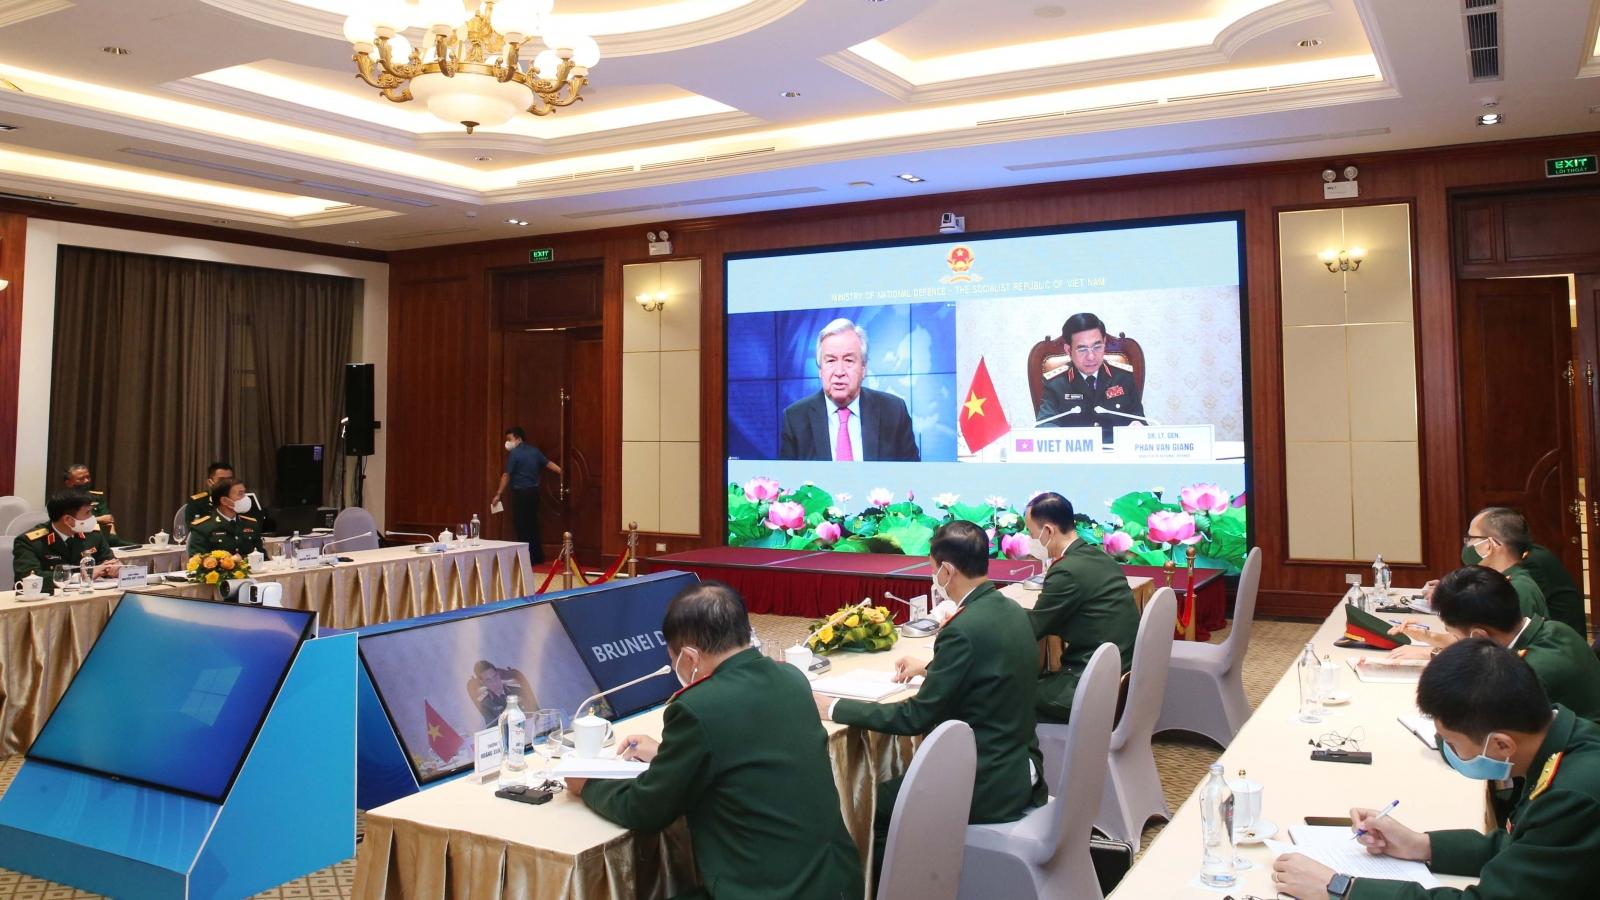 Hội nghị An ninh Quốc tế Moskva lần thứ 9: Các quan điểm chiến lược về an ninh khu vực